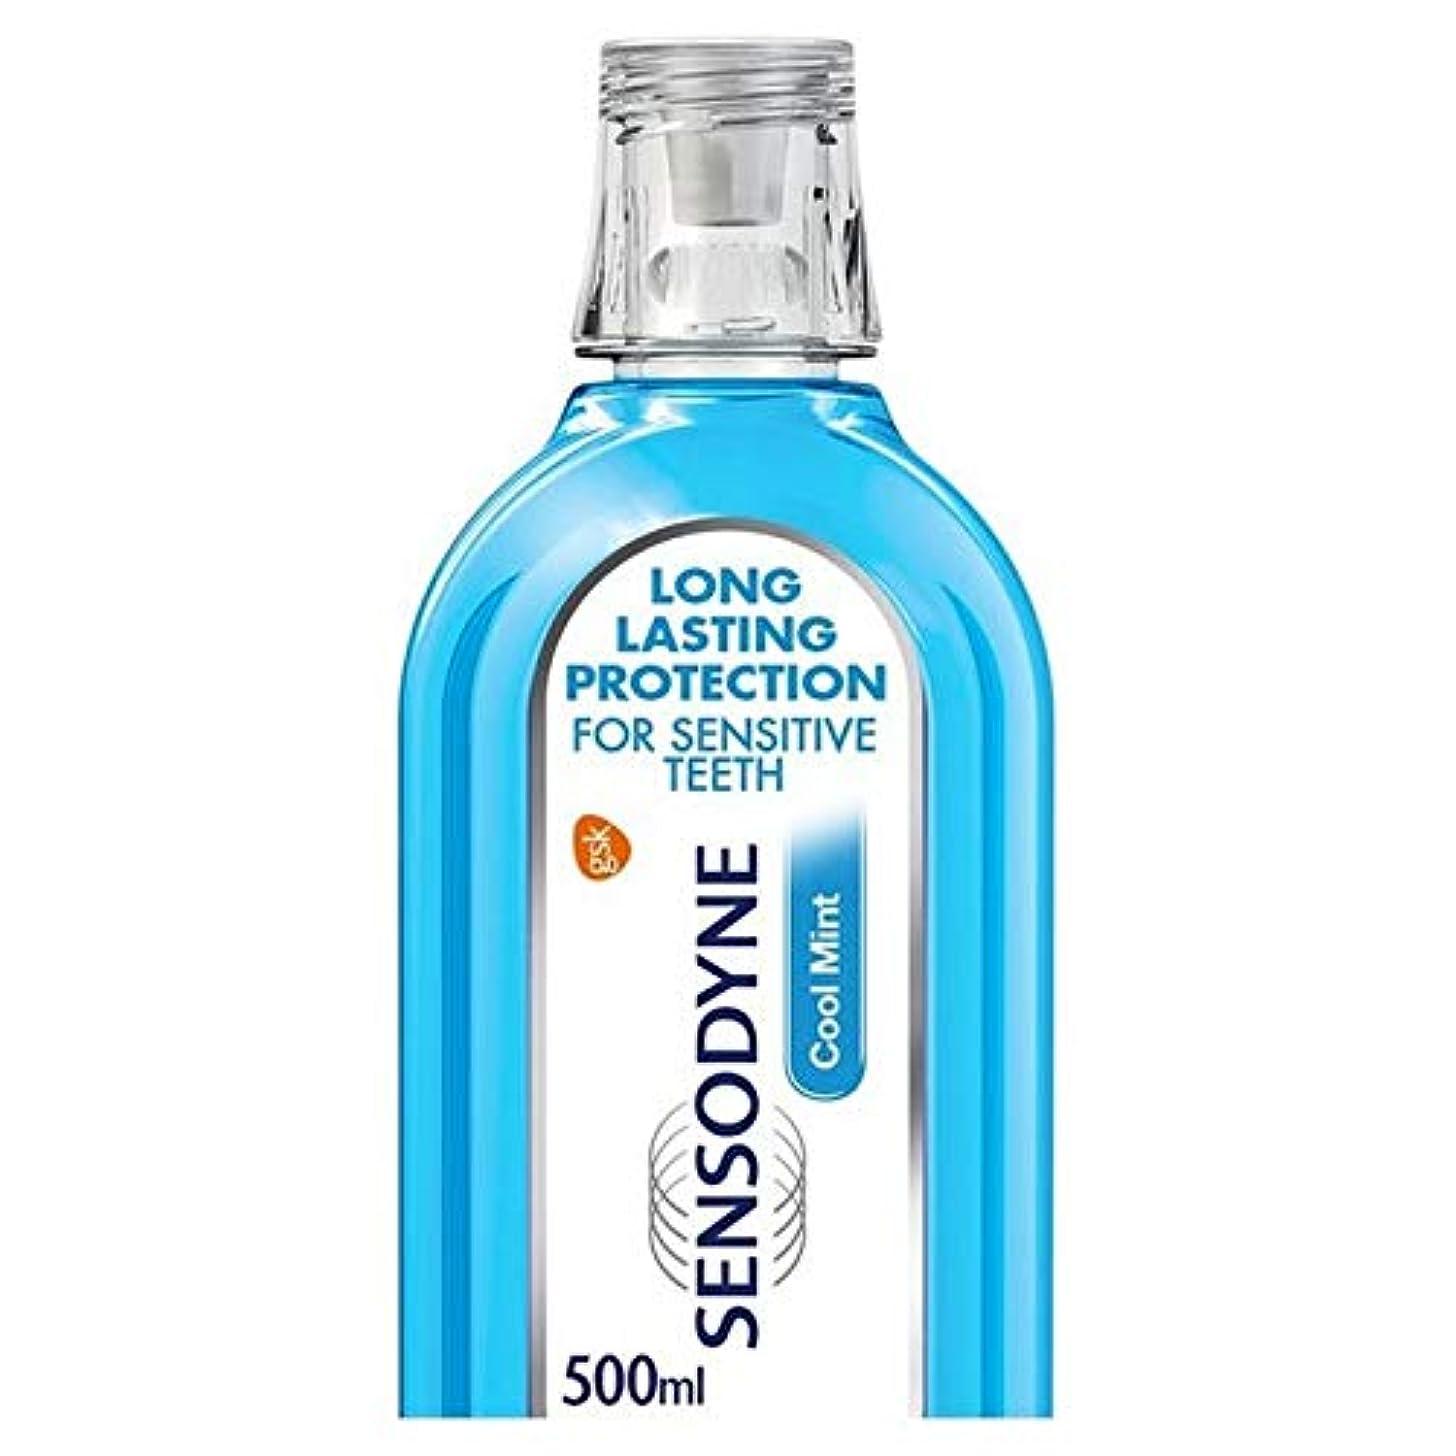 ログ克服する該当する[Sensodyne] Sensodyneクールミント敏感ケアマウスウォッシュ500ミリリットル - Sensodyne Cool Mint Sensitive Care Mouthwash 500ml [並行輸入品]